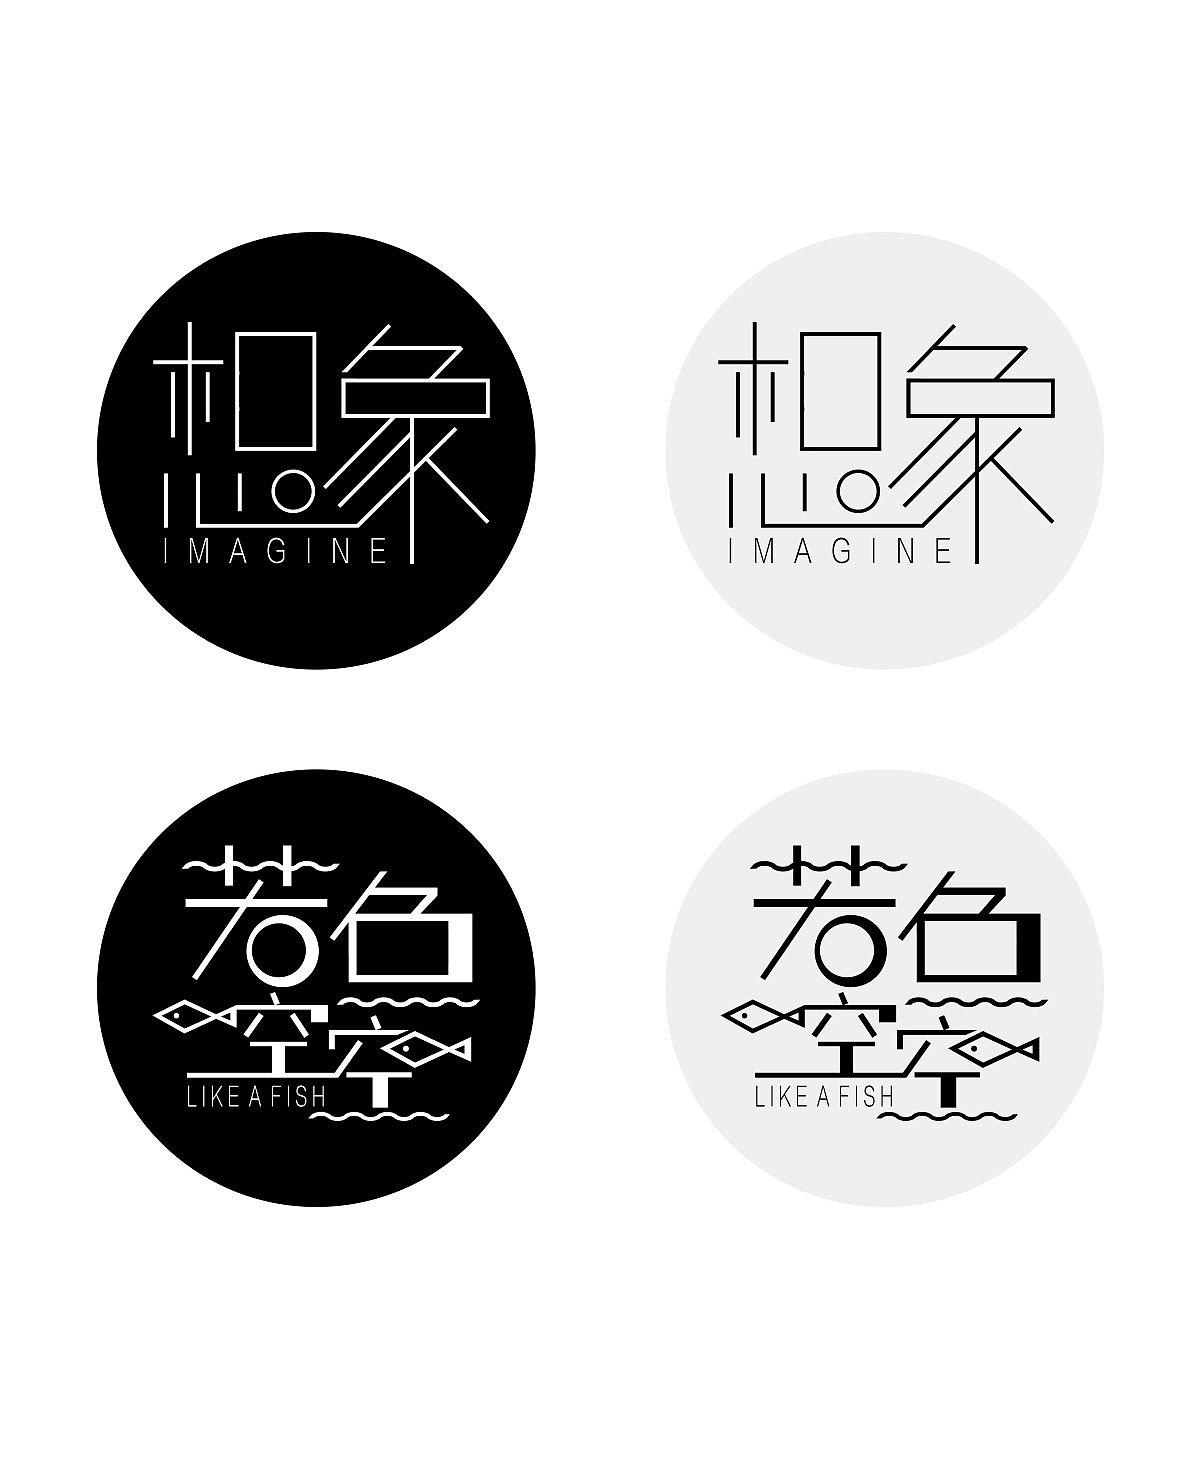 有趣的字体设计|平面|标志|若鱼空空 - 原创作品